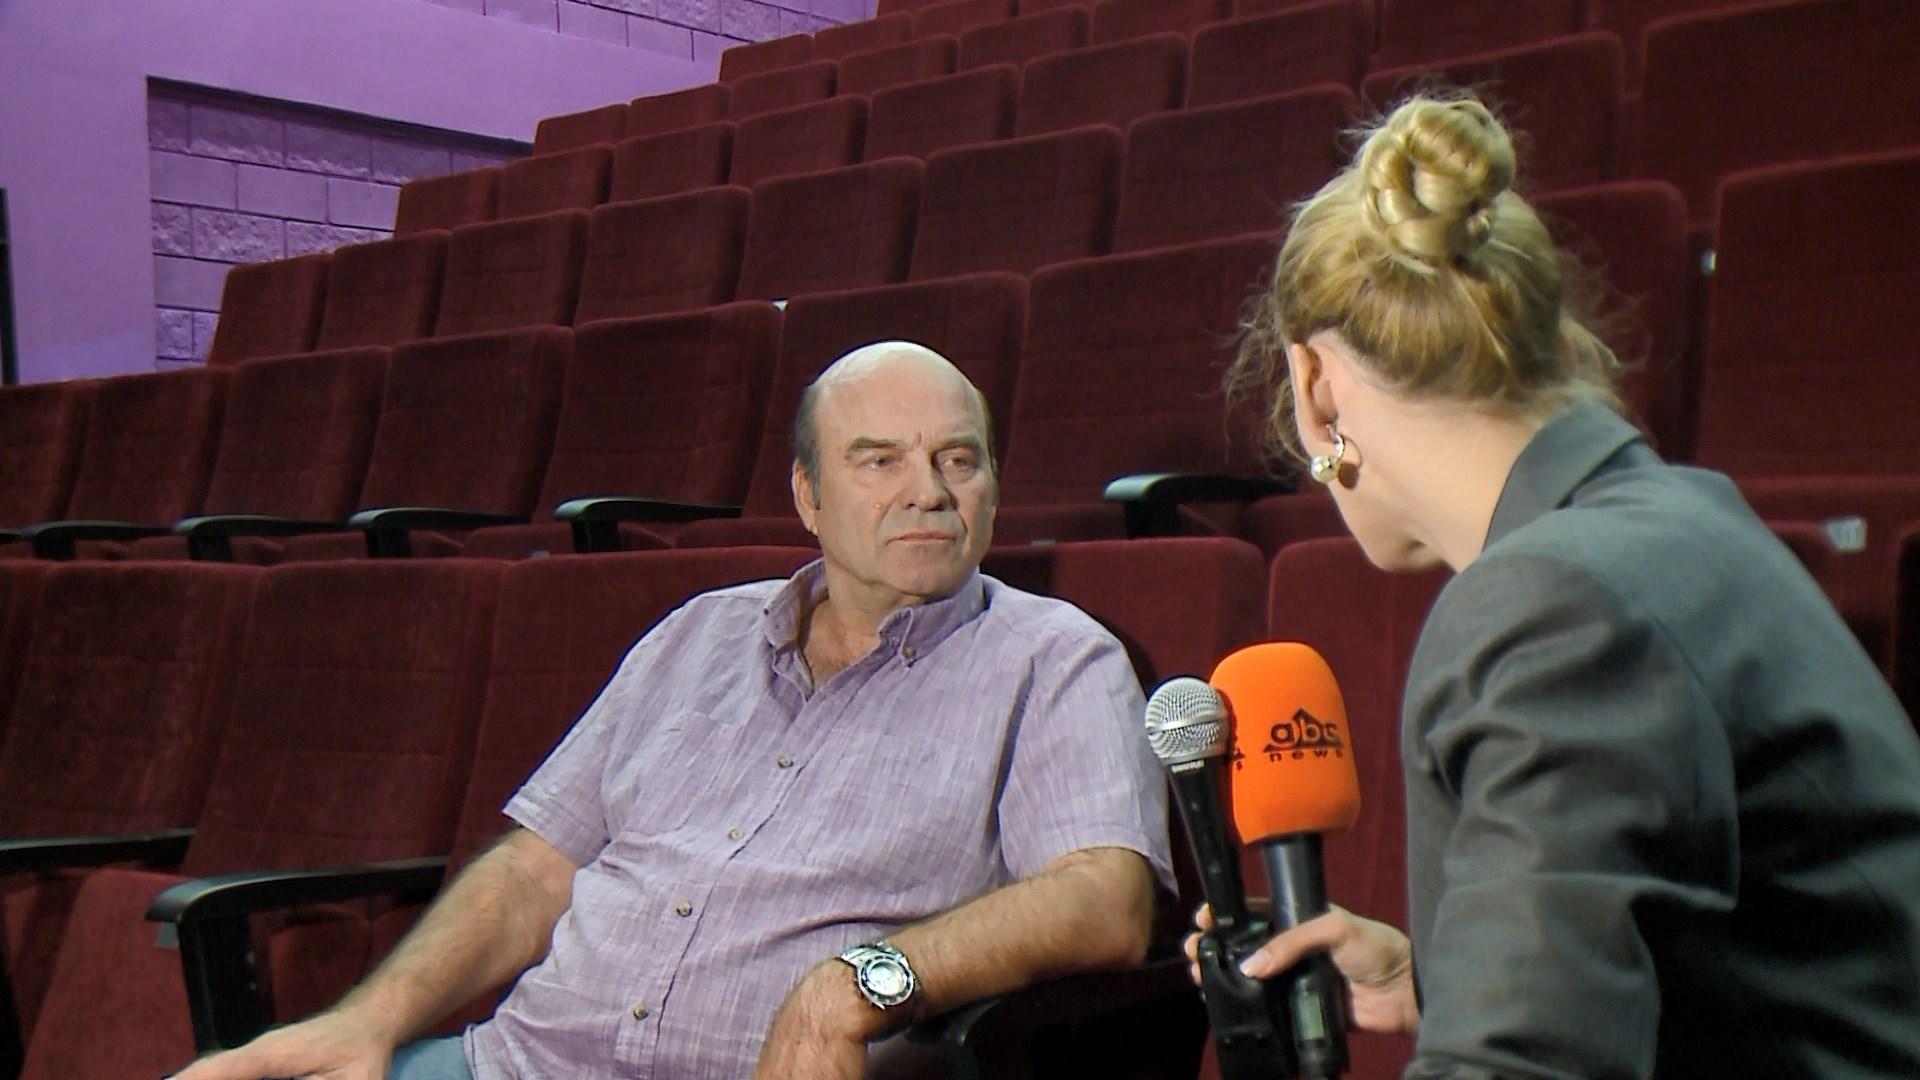 Xhepa: Produkti teatror në skenat shqiptare është 70 përqind mediokër